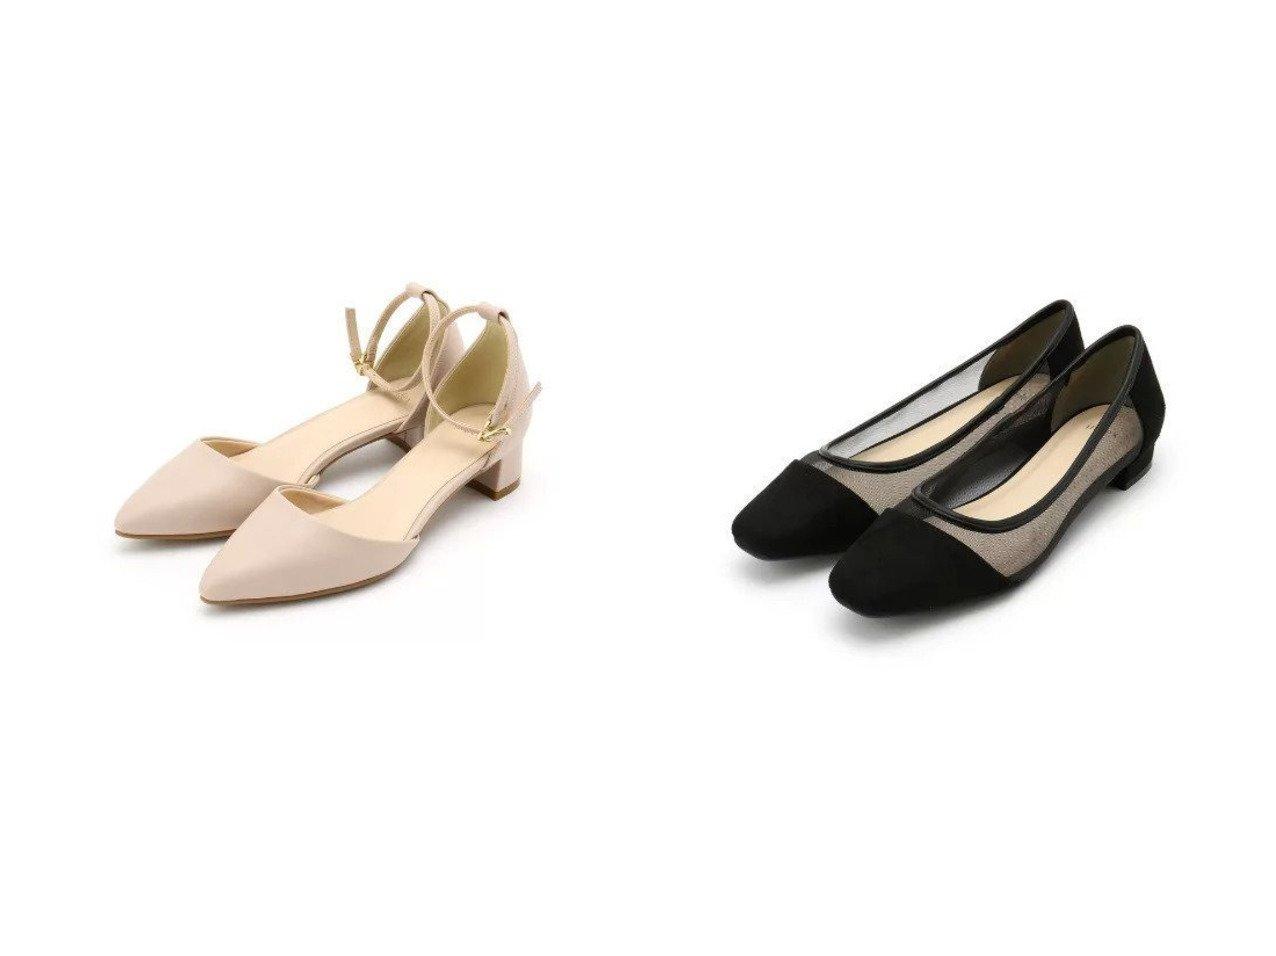 【INDEX/インデックス】のセパレートパンプス&チュールパンプス シューズ・靴のおすすめ!人気、トレンド・レディースファッションの通販 おすすめで人気の流行・トレンド、ファッションの通販商品 メンズファッション・キッズファッション・インテリア・家具・レディースファッション・服の通販 founy(ファニー) https://founy.com/ ファッション Fashion レディースファッション WOMEN コンビ シューズ チュール トレンド バランス フェイクスエード アーモンドトゥ ジャージ セパレート ベーシック ラップ 抗菌  ID:crp329100000023331